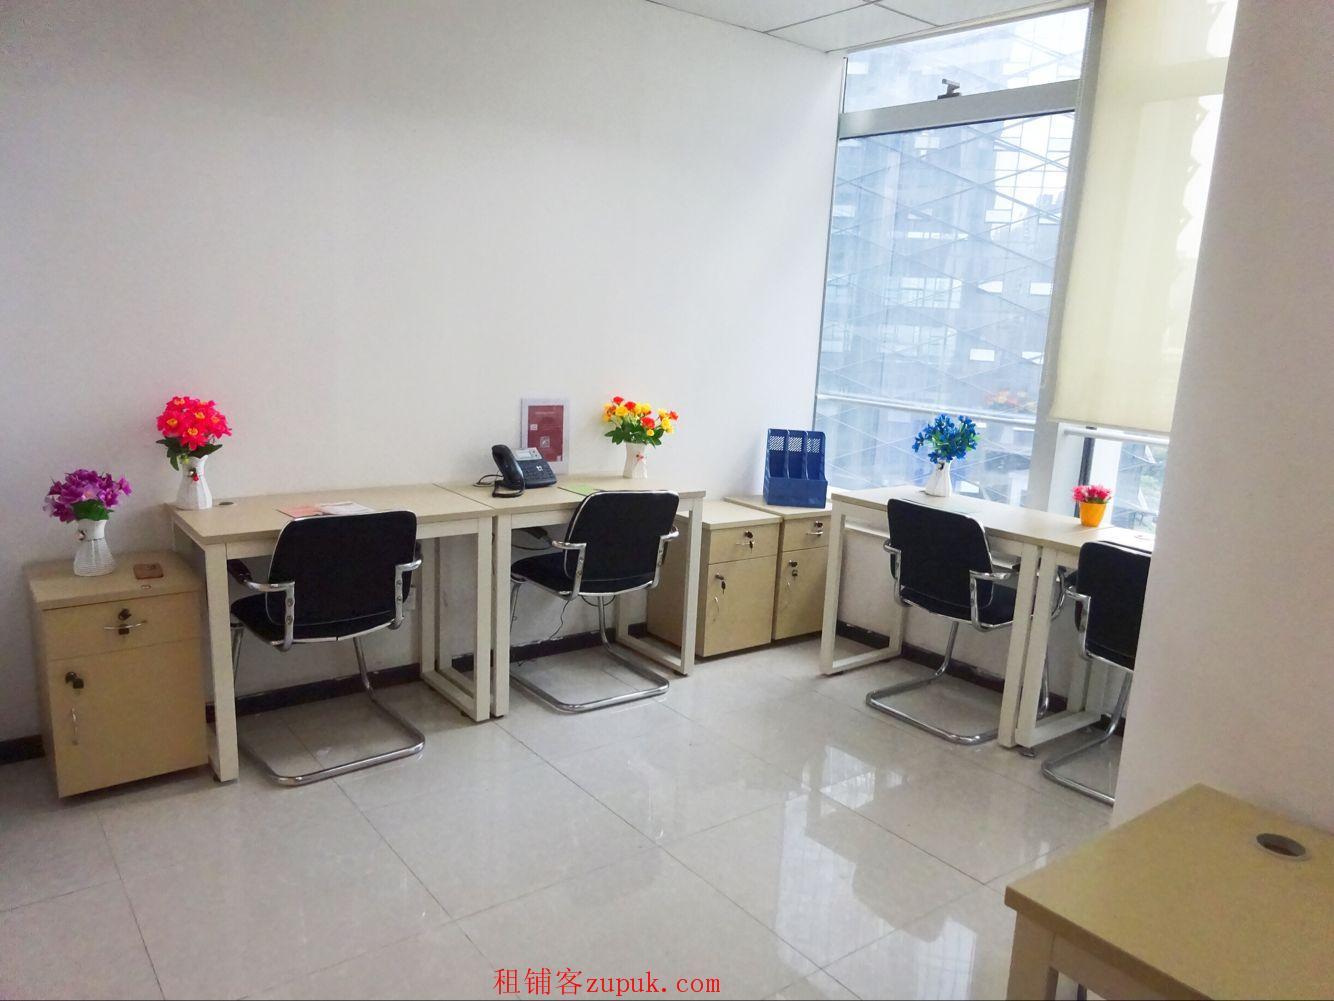 业主直租 独立中小办公室出租 可注冊变更解锁办签证